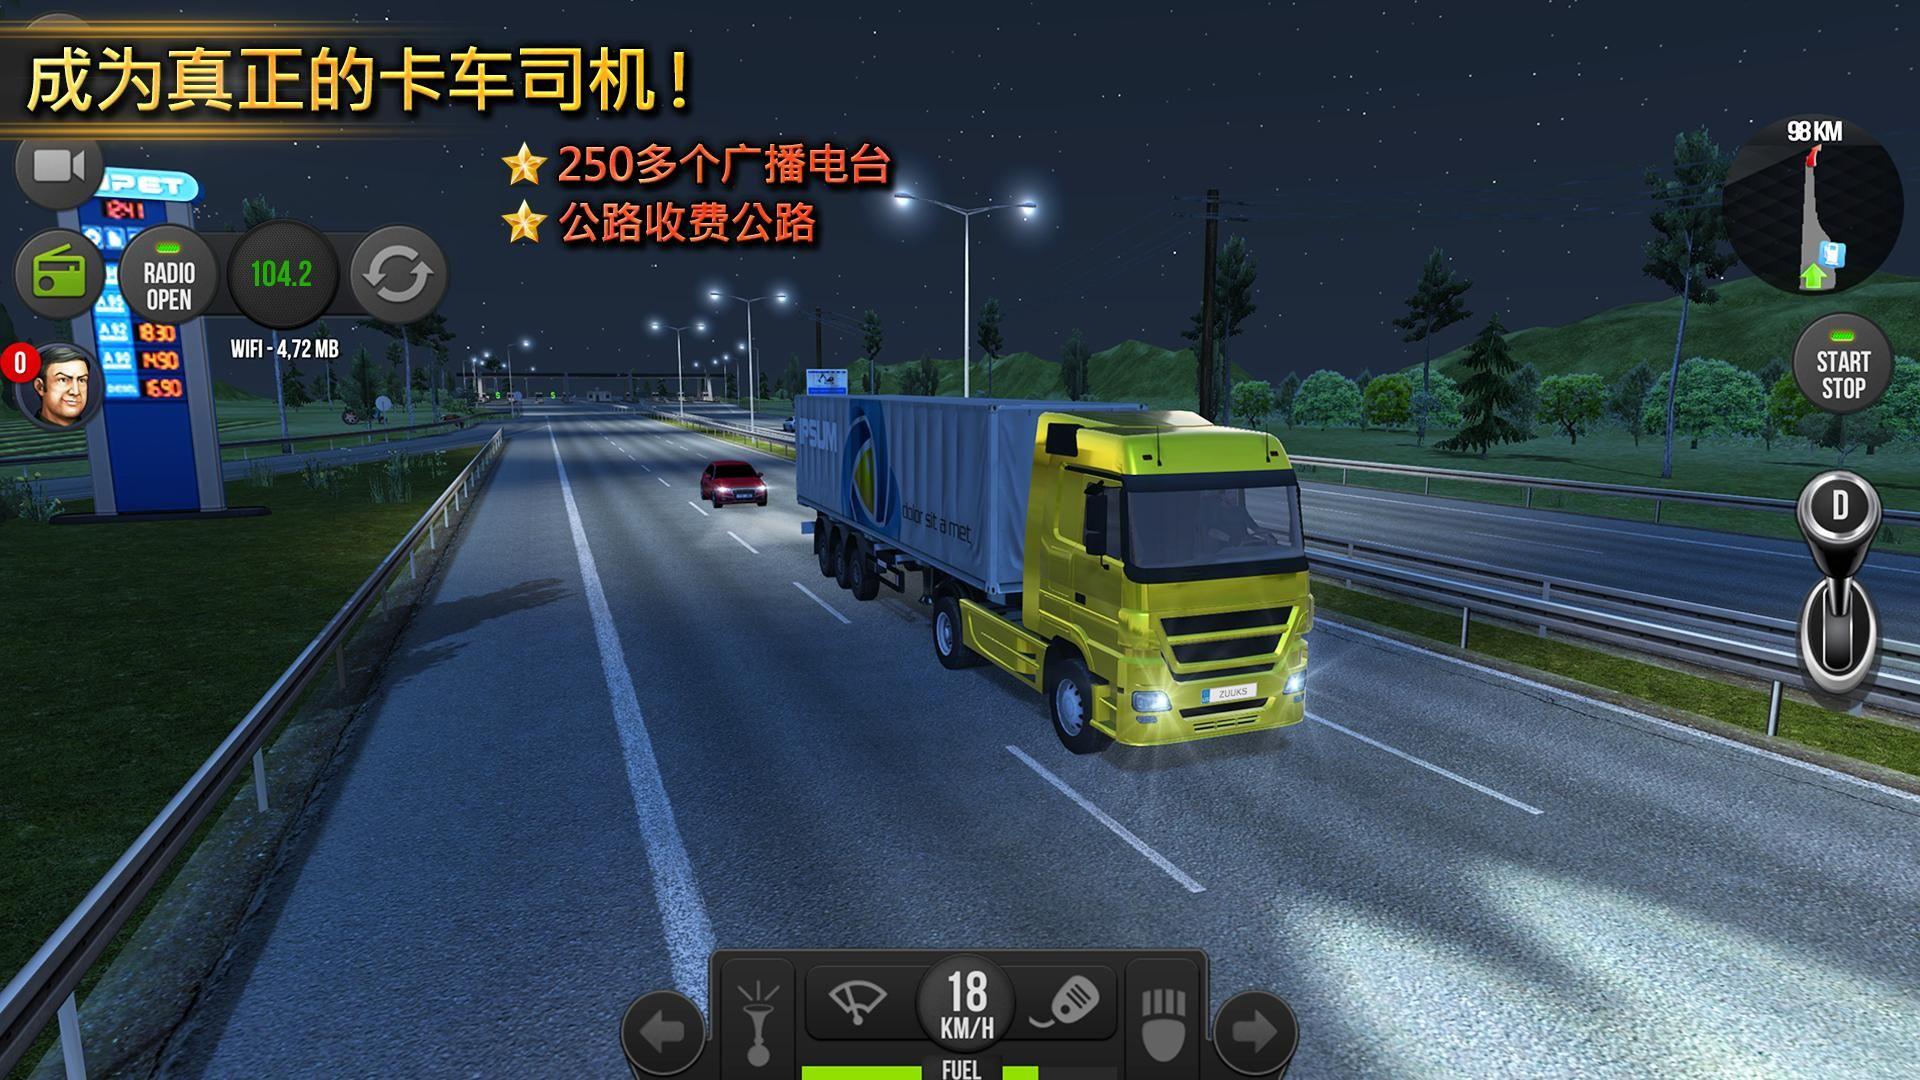 卡车模拟器2018年 - Truck Simulator 2018 : Europe 游戏截图2